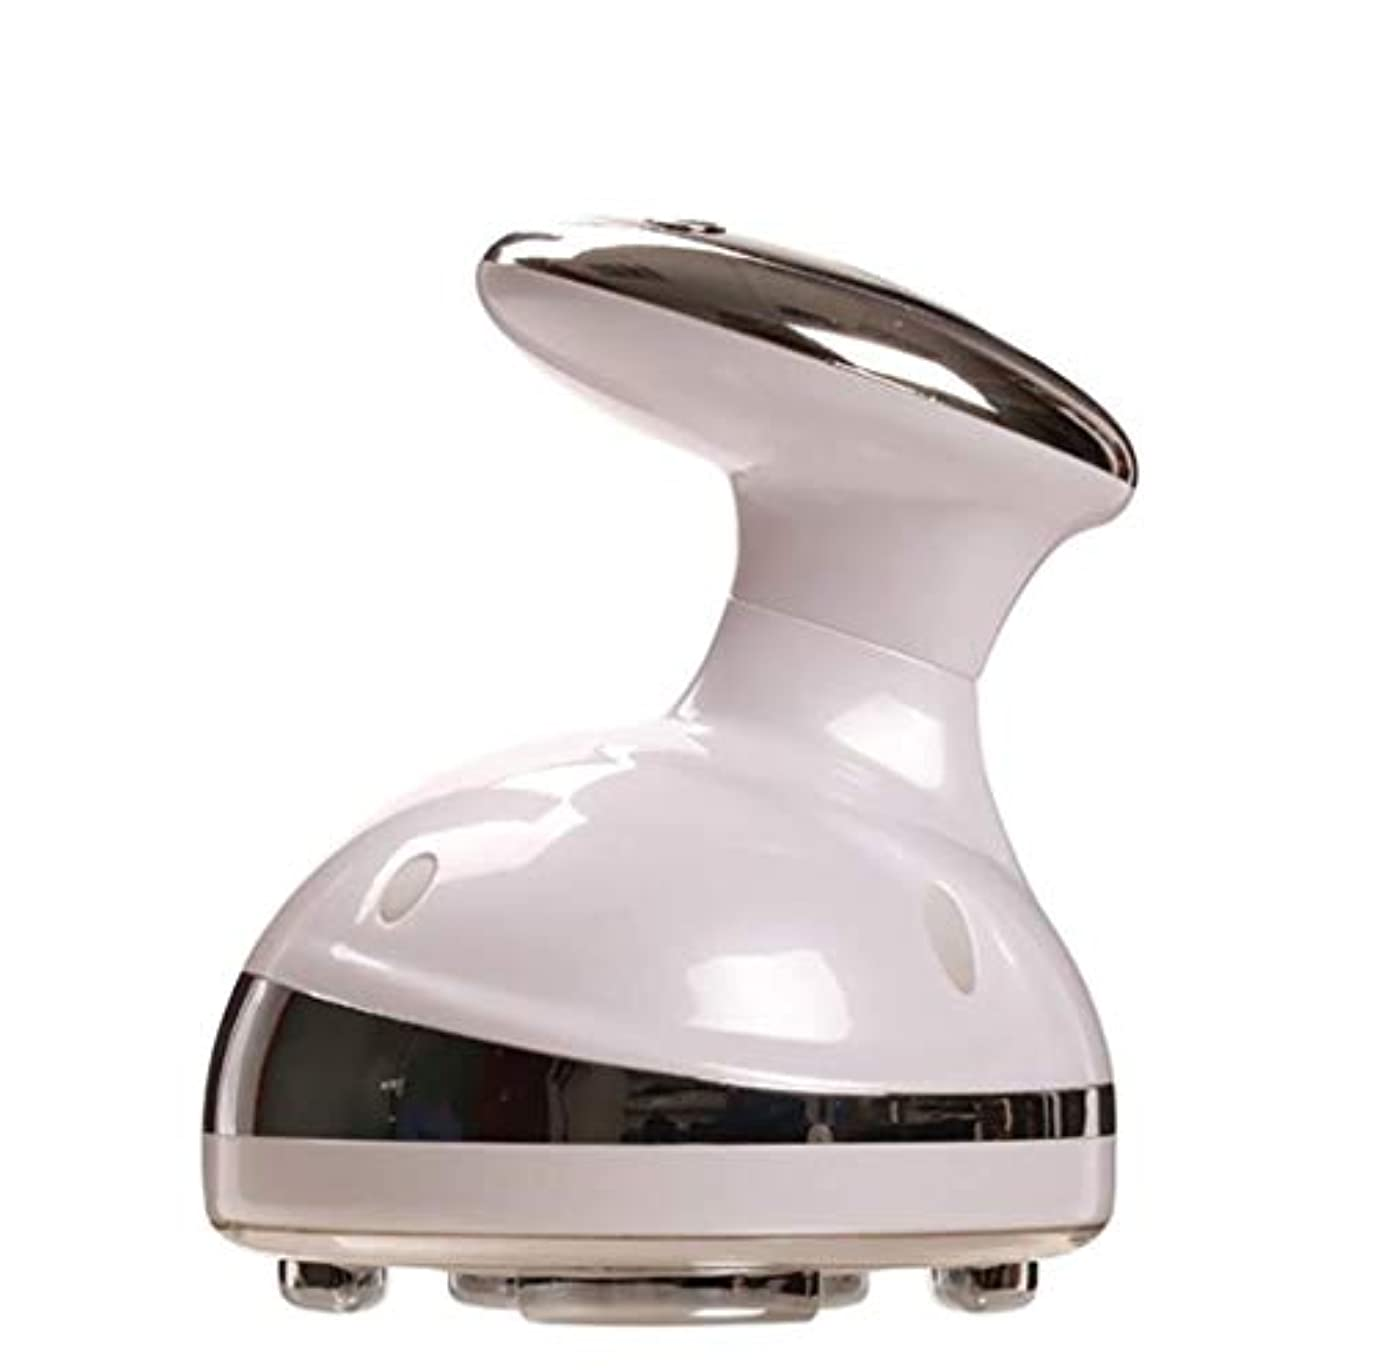 相談好奇心ご予約マッサージャー、多機能ボディ振動マッサージャー、ハンドヘルド減量マッサージャー、ホームオフィススポーツスマートLCDディスプレイ、ユニセックス (Color : 白)